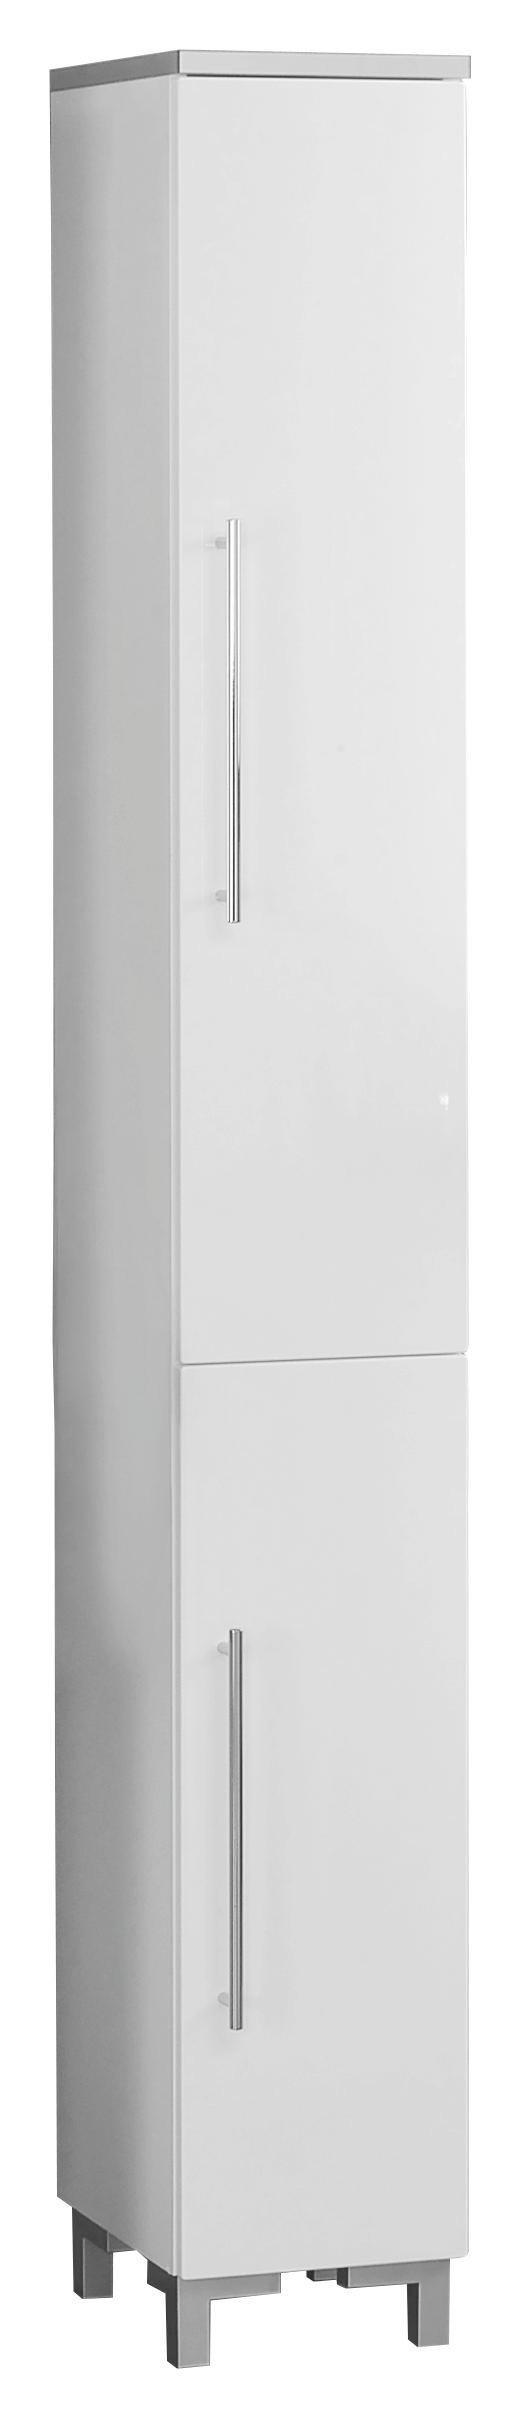 """HOCHSCHRANK XORA """"SAN REMO"""" Weiß - Chromfarben/Weiß, MODERN, Holzwerkstoff/Kunststoff (25/192,5/31,3cm) - XORA"""